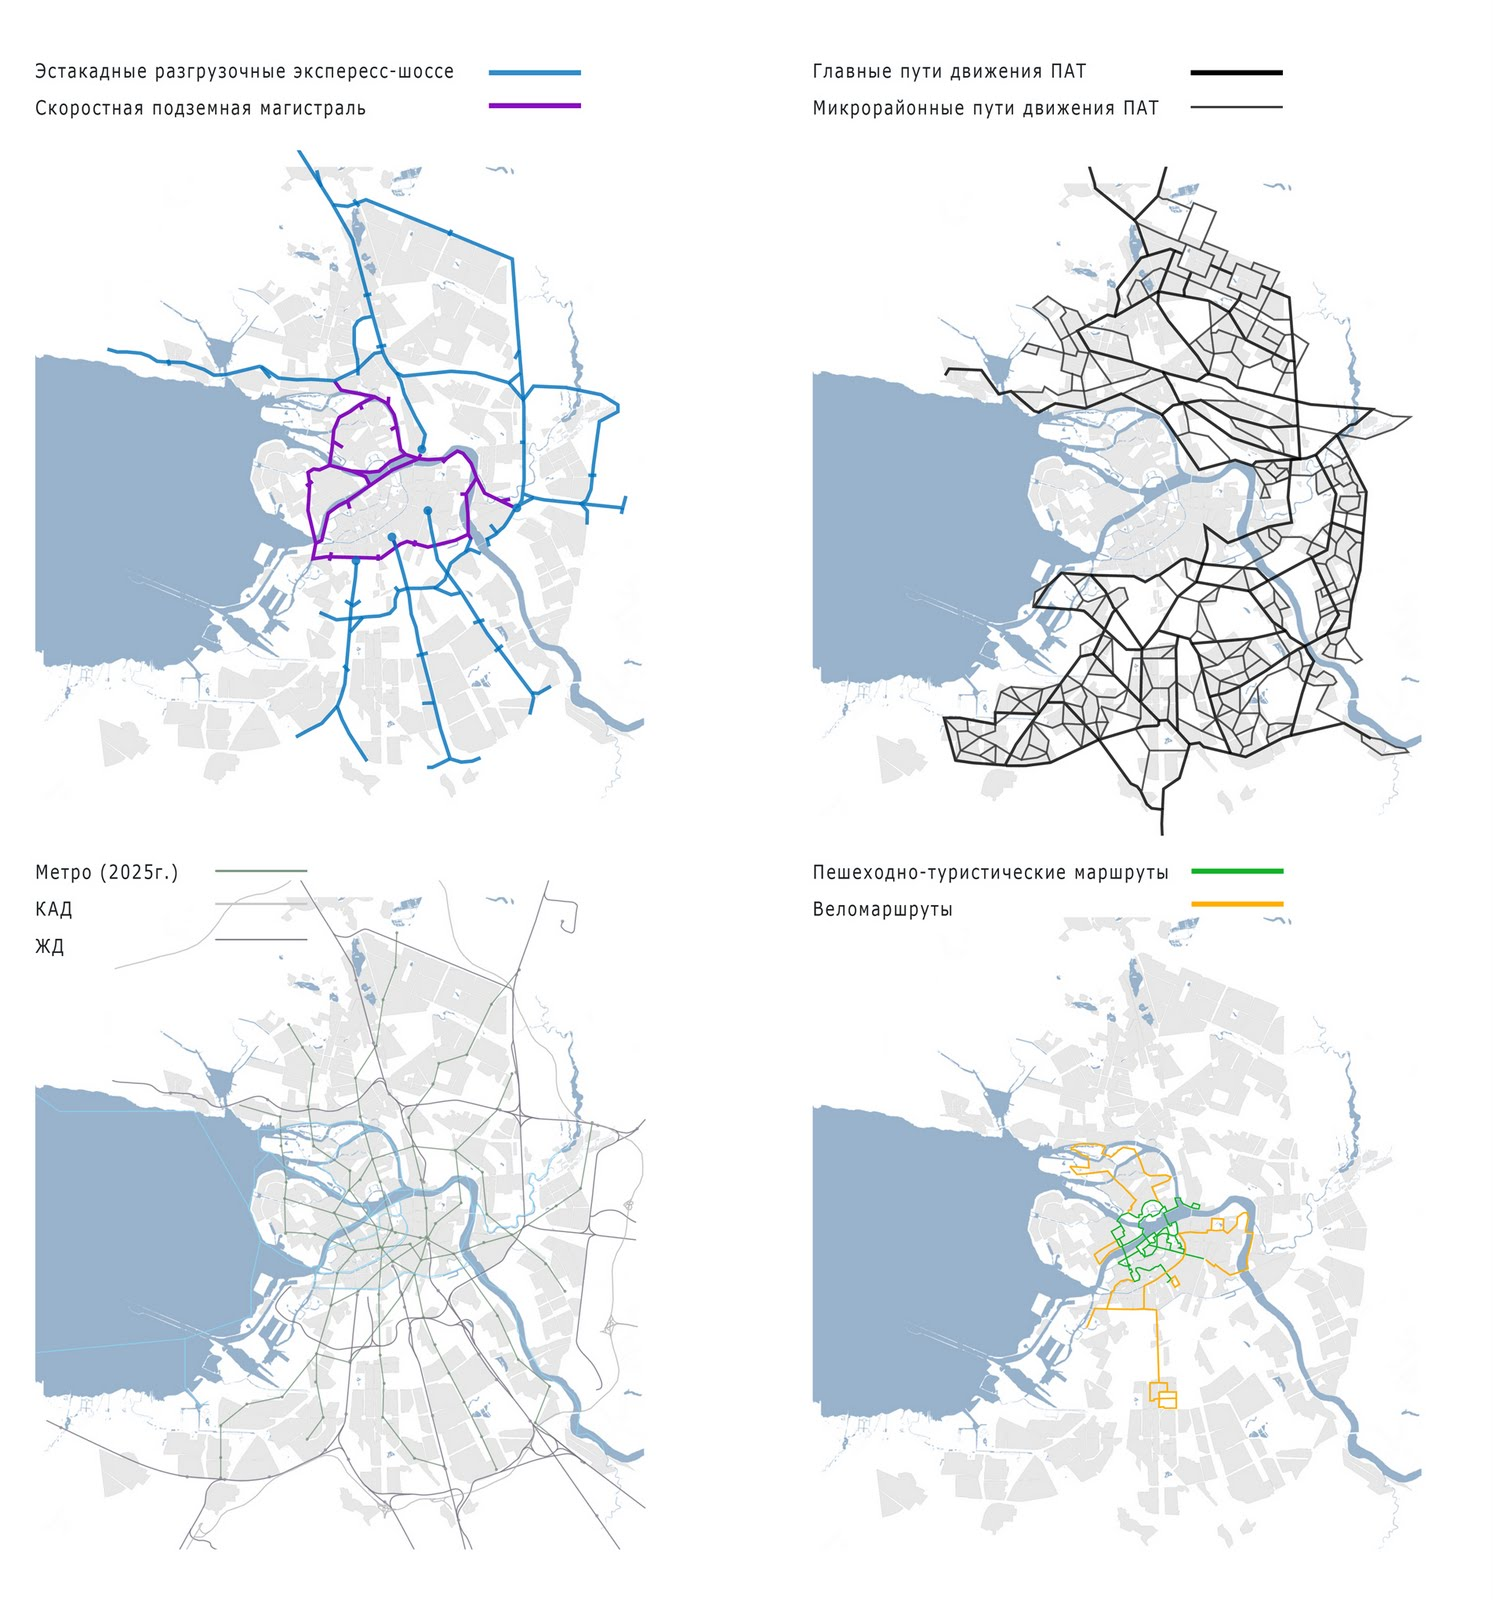 Общая схема путей и маршрутов